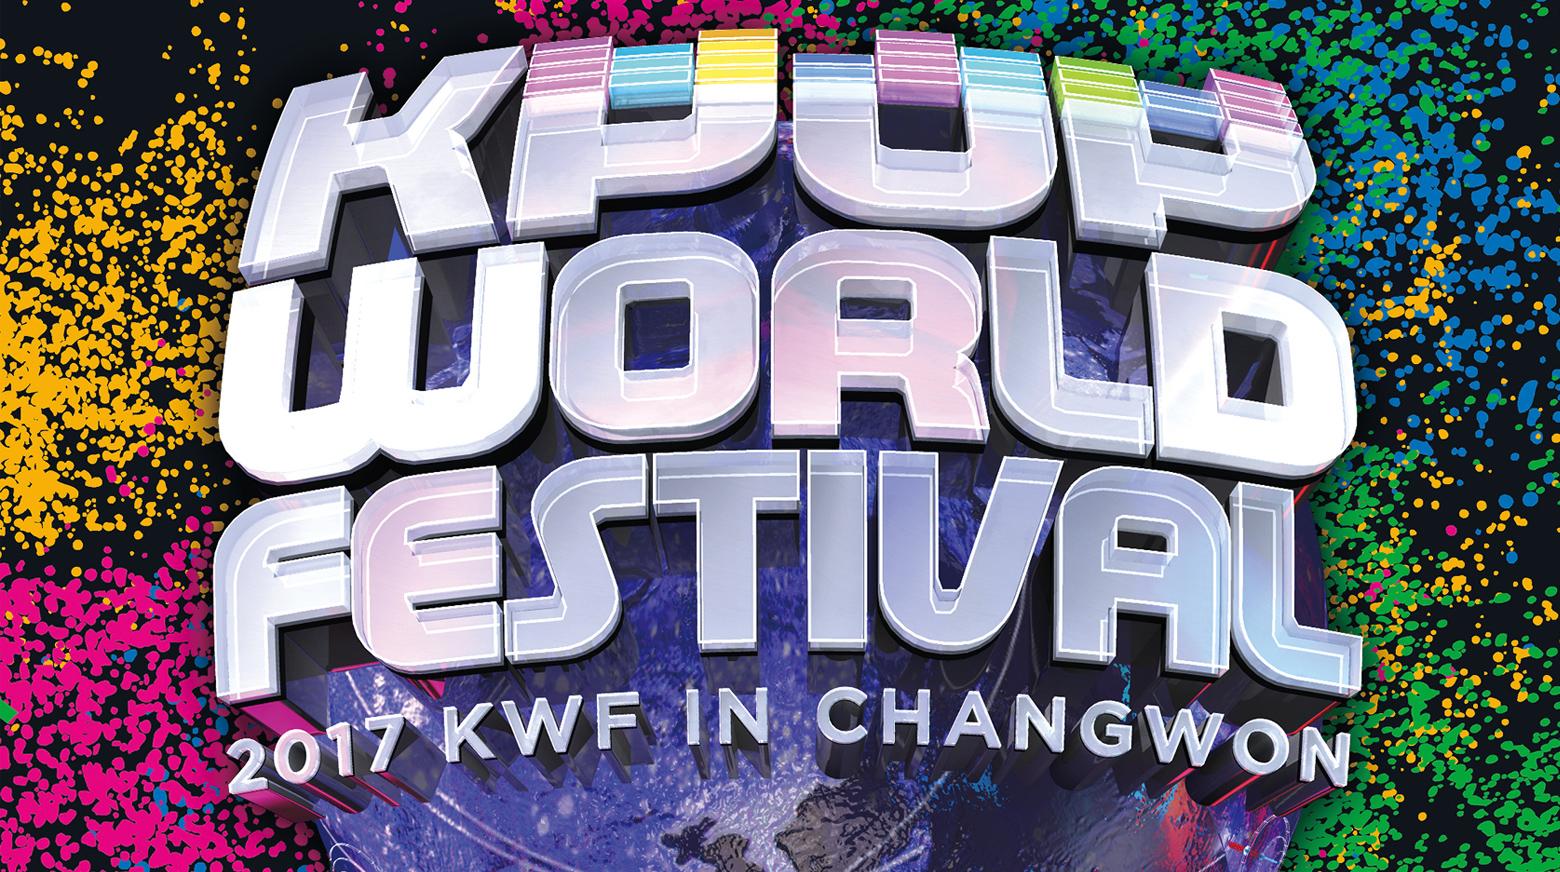 KPOP WORLD FESTIVAL 2017 in Changwon